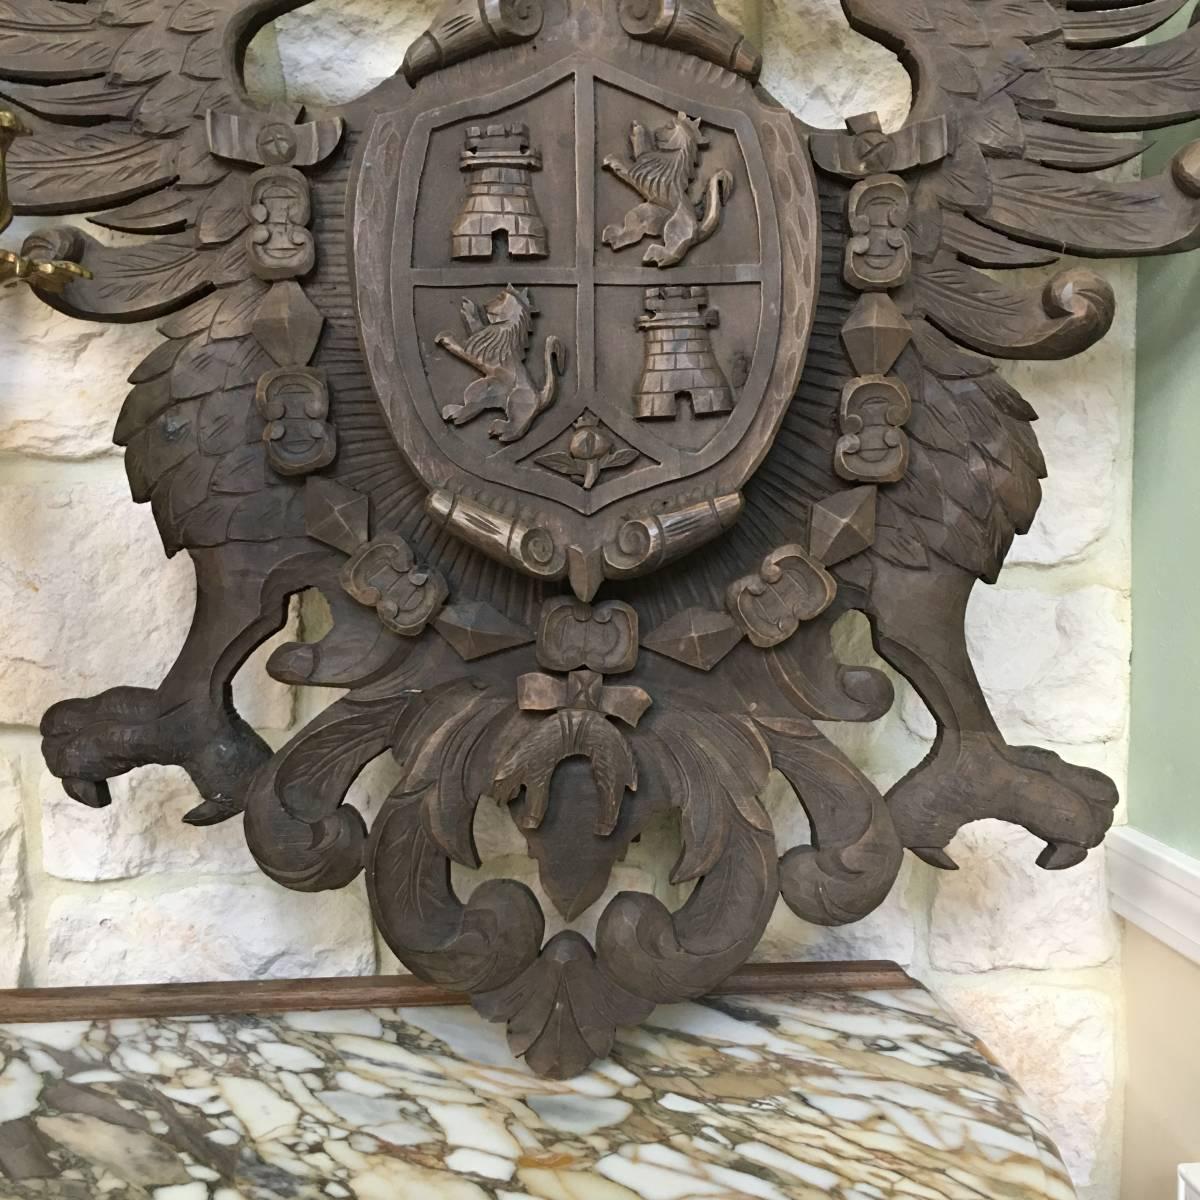 フランスアンティーク イーグル オブジェ 壁掛け 木製 ウッドオブジェ アンティーク家具 アンティーク ヨーロッパ 重厚_画像5